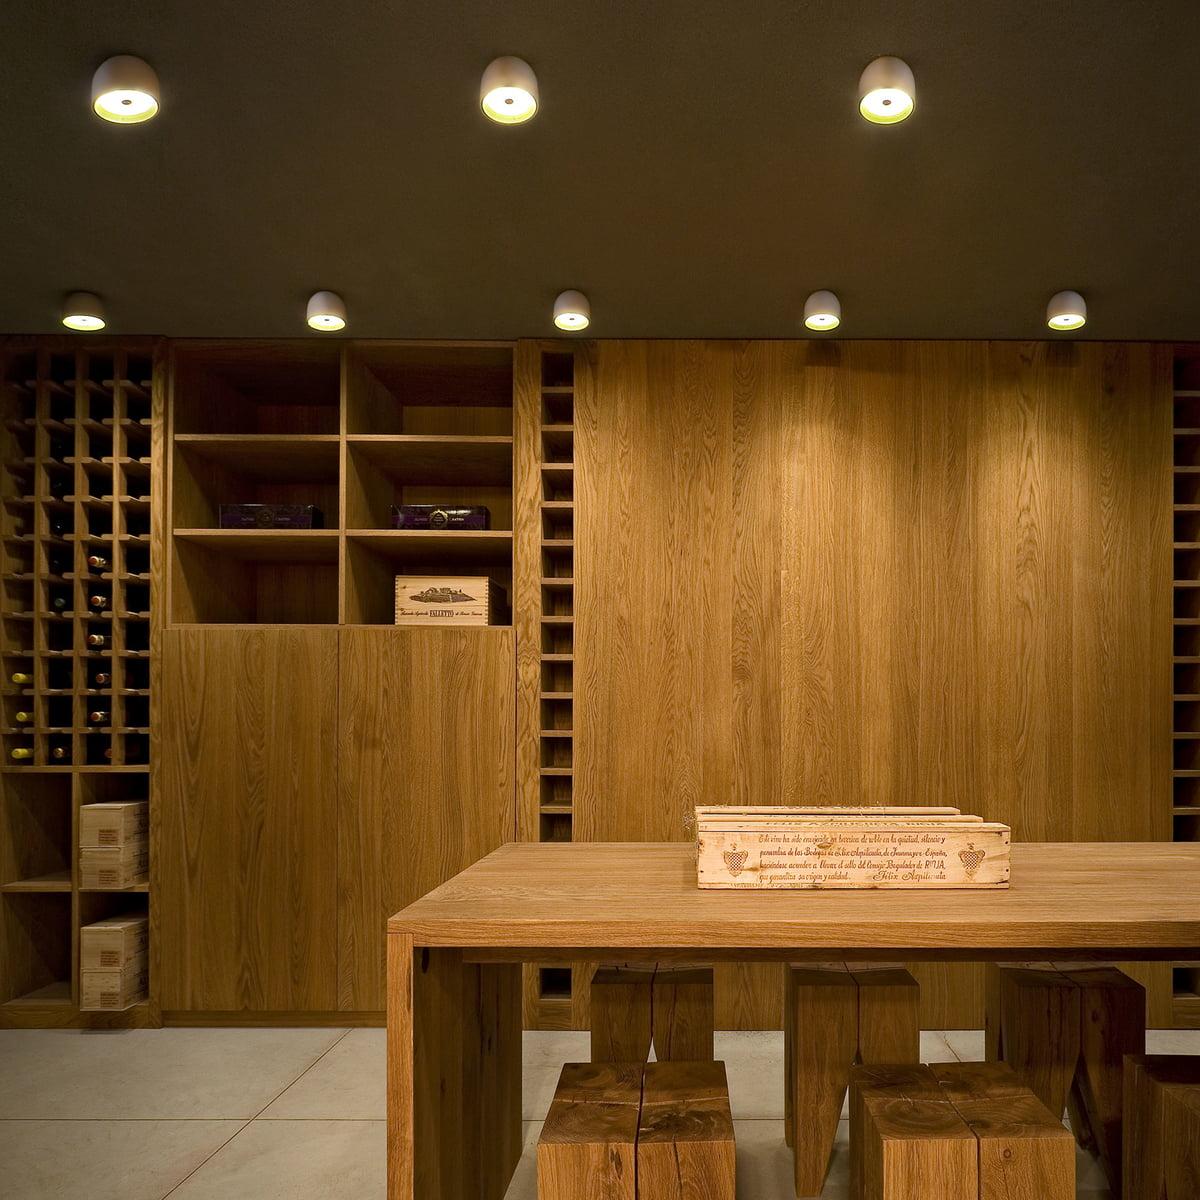 Wan deckenleuchte von flos im wohndesign shop for Wohndesign shop